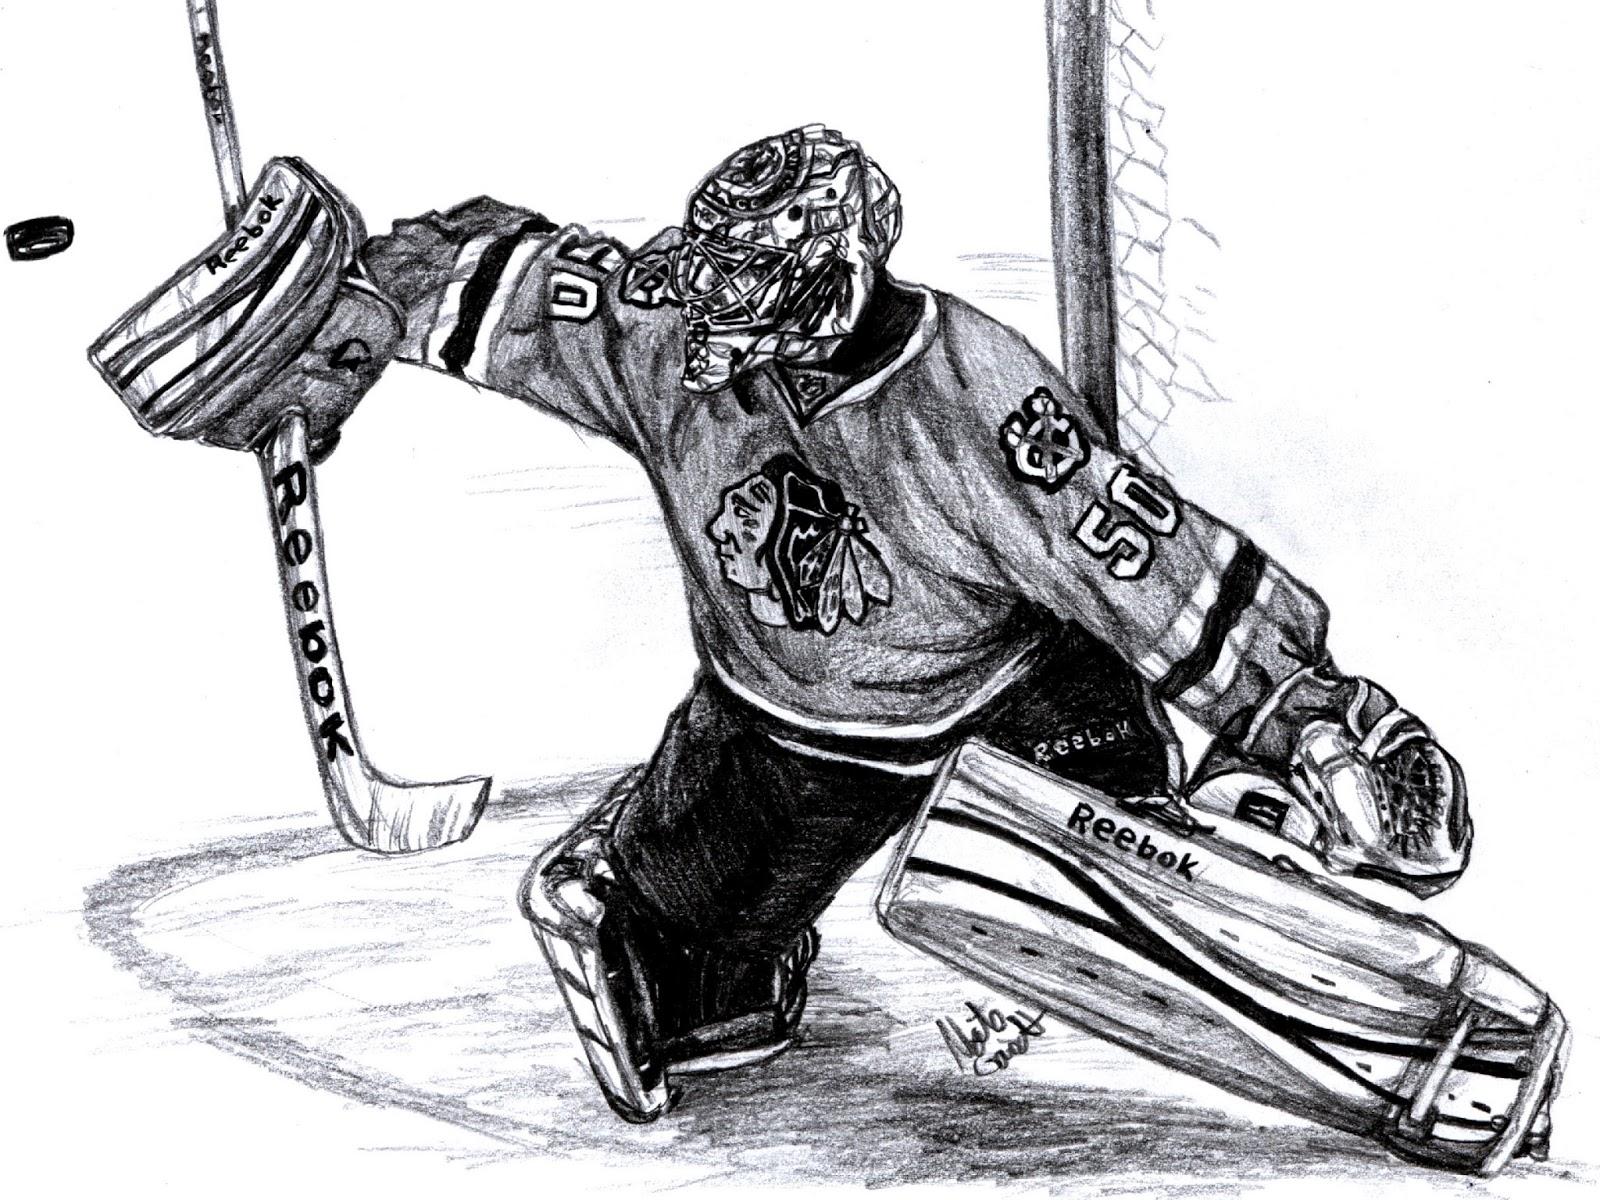 хоккеист рисунок карандашом выхода электрона